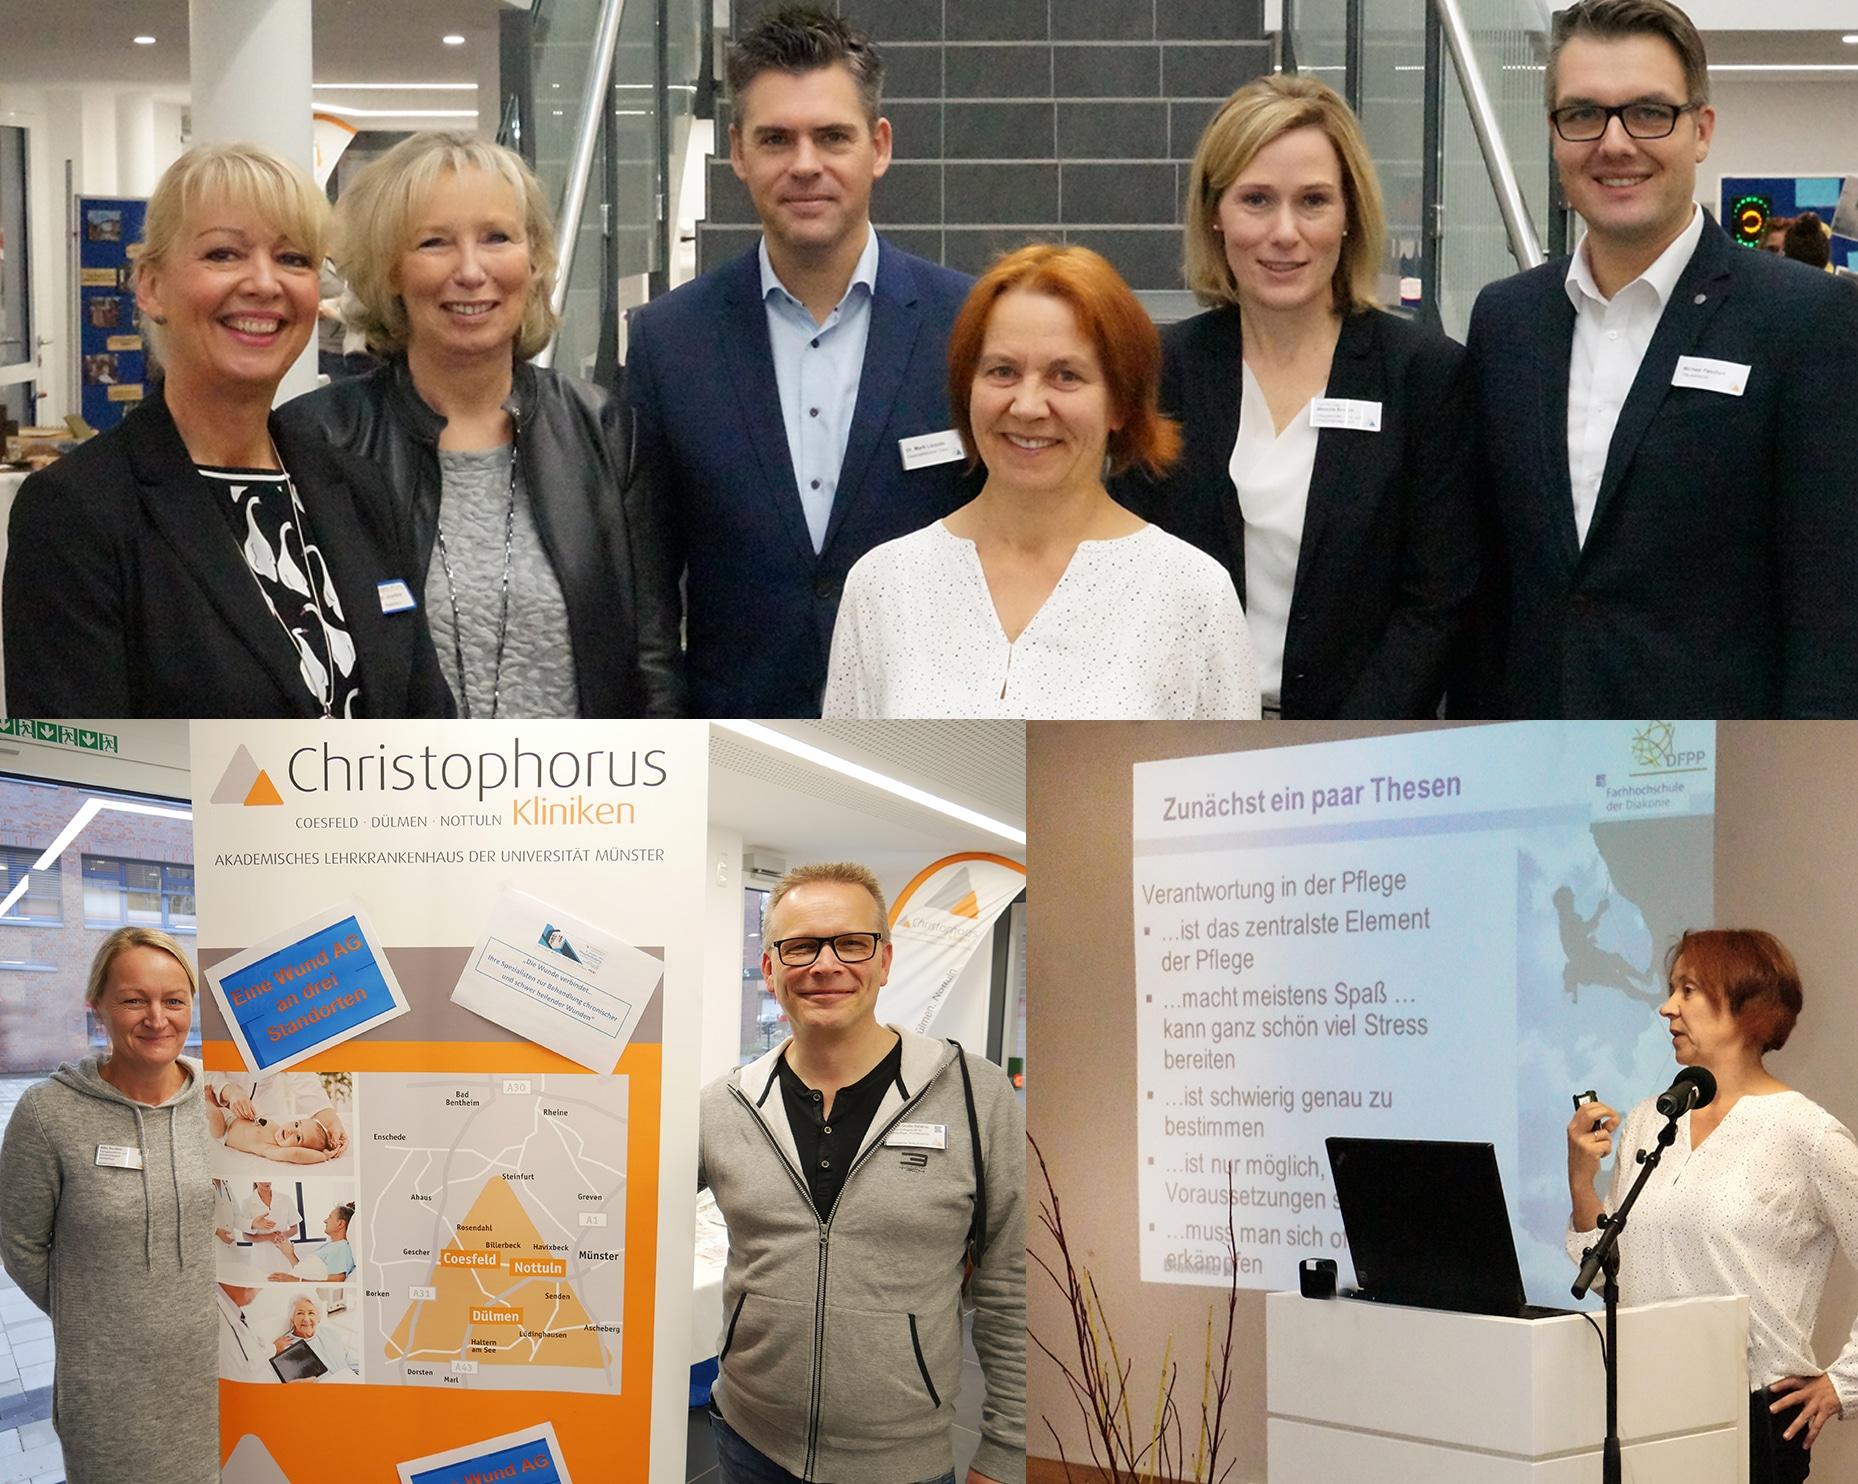 Christophorus Traegergesellschaft Pflegefachtagung Pflegexperten schulten Pflegende Fuelle an Kompetenzen unter einem Dach